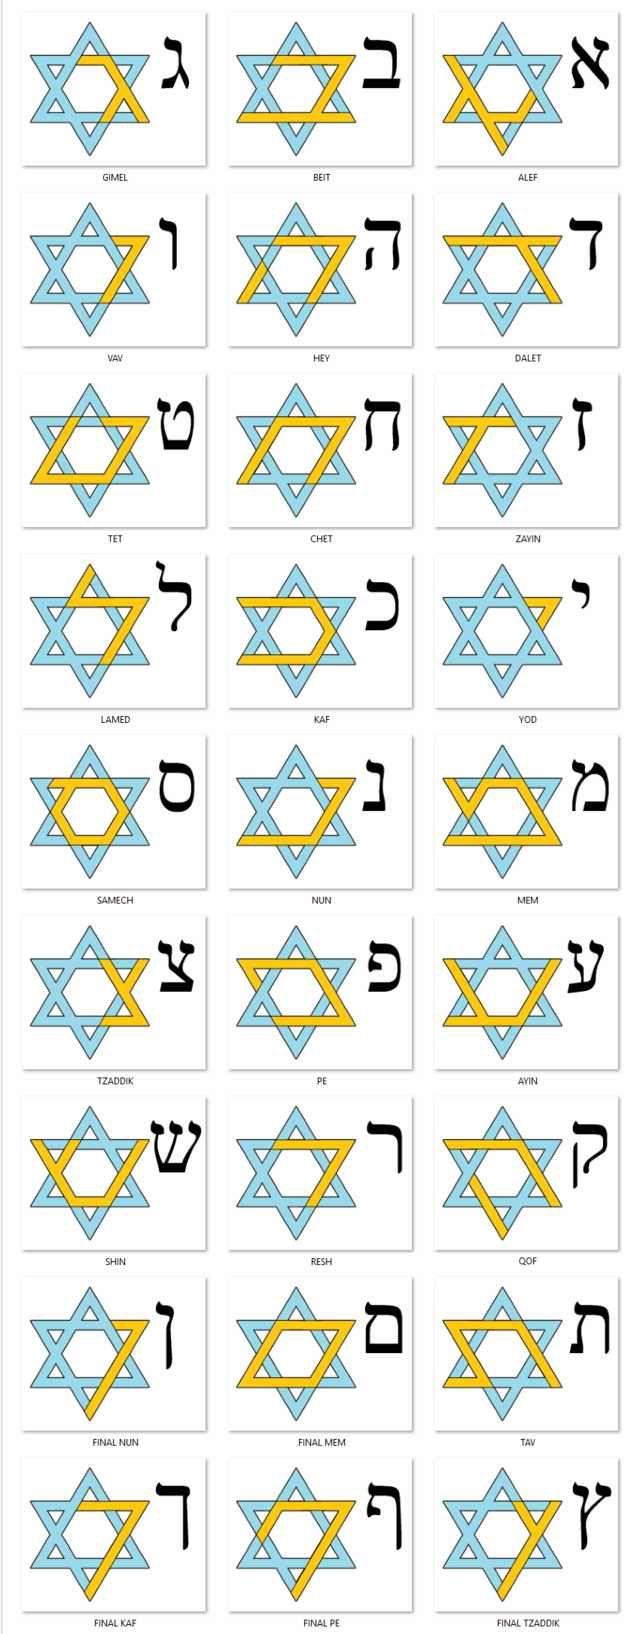 Hebrew Letters Hidden in the Star of David/Magen David  Hebrew